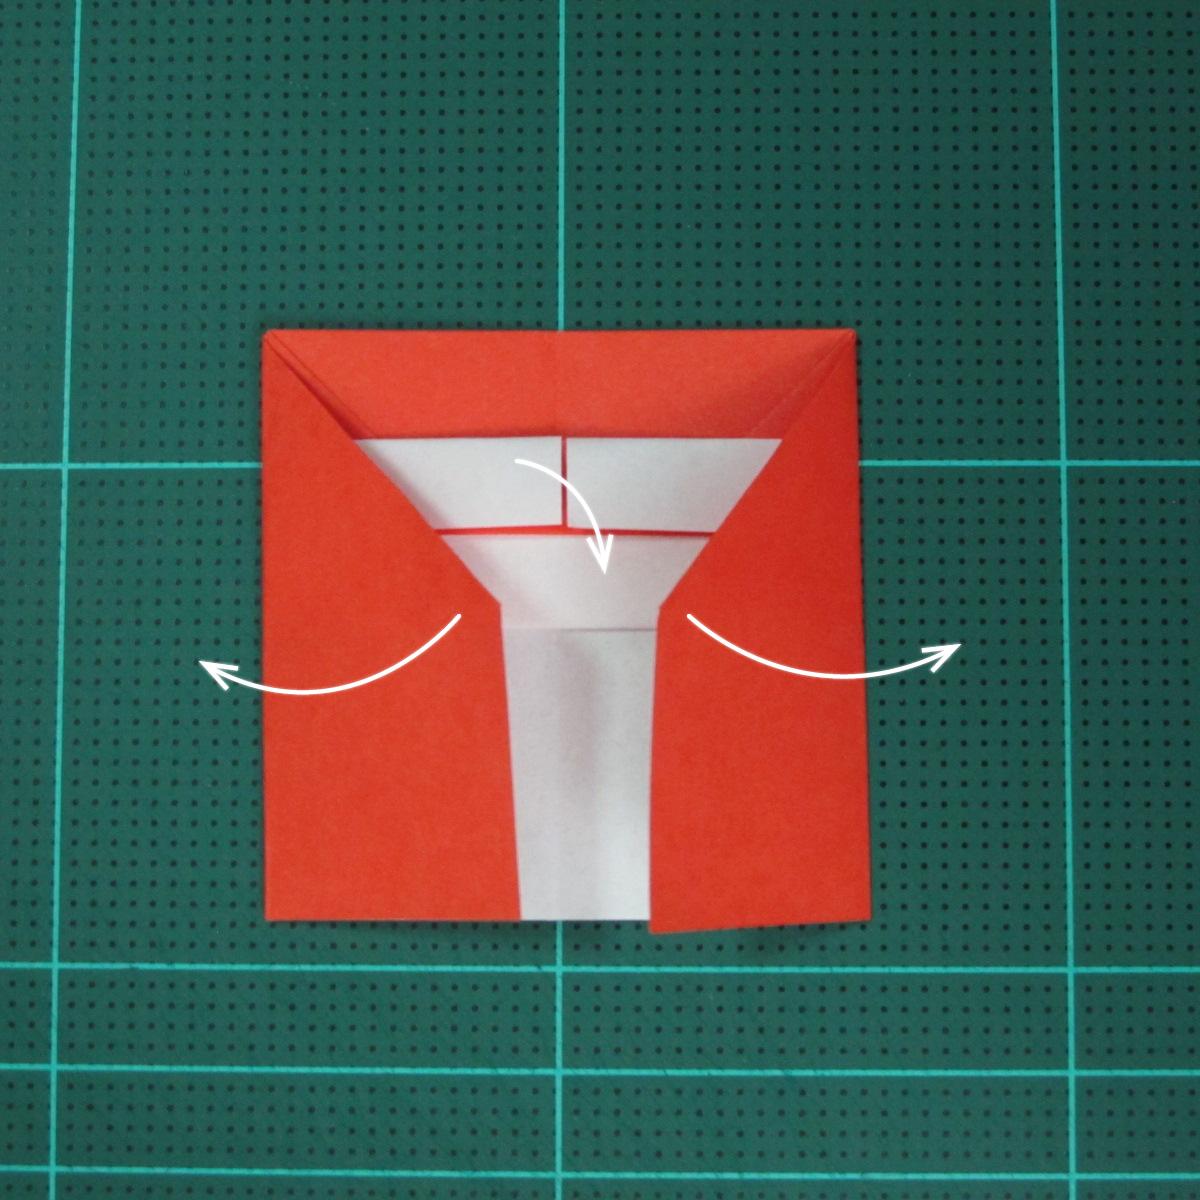 วิธีการพับกระดาษเป็นรูปเปียโน (Origami Piano) 011